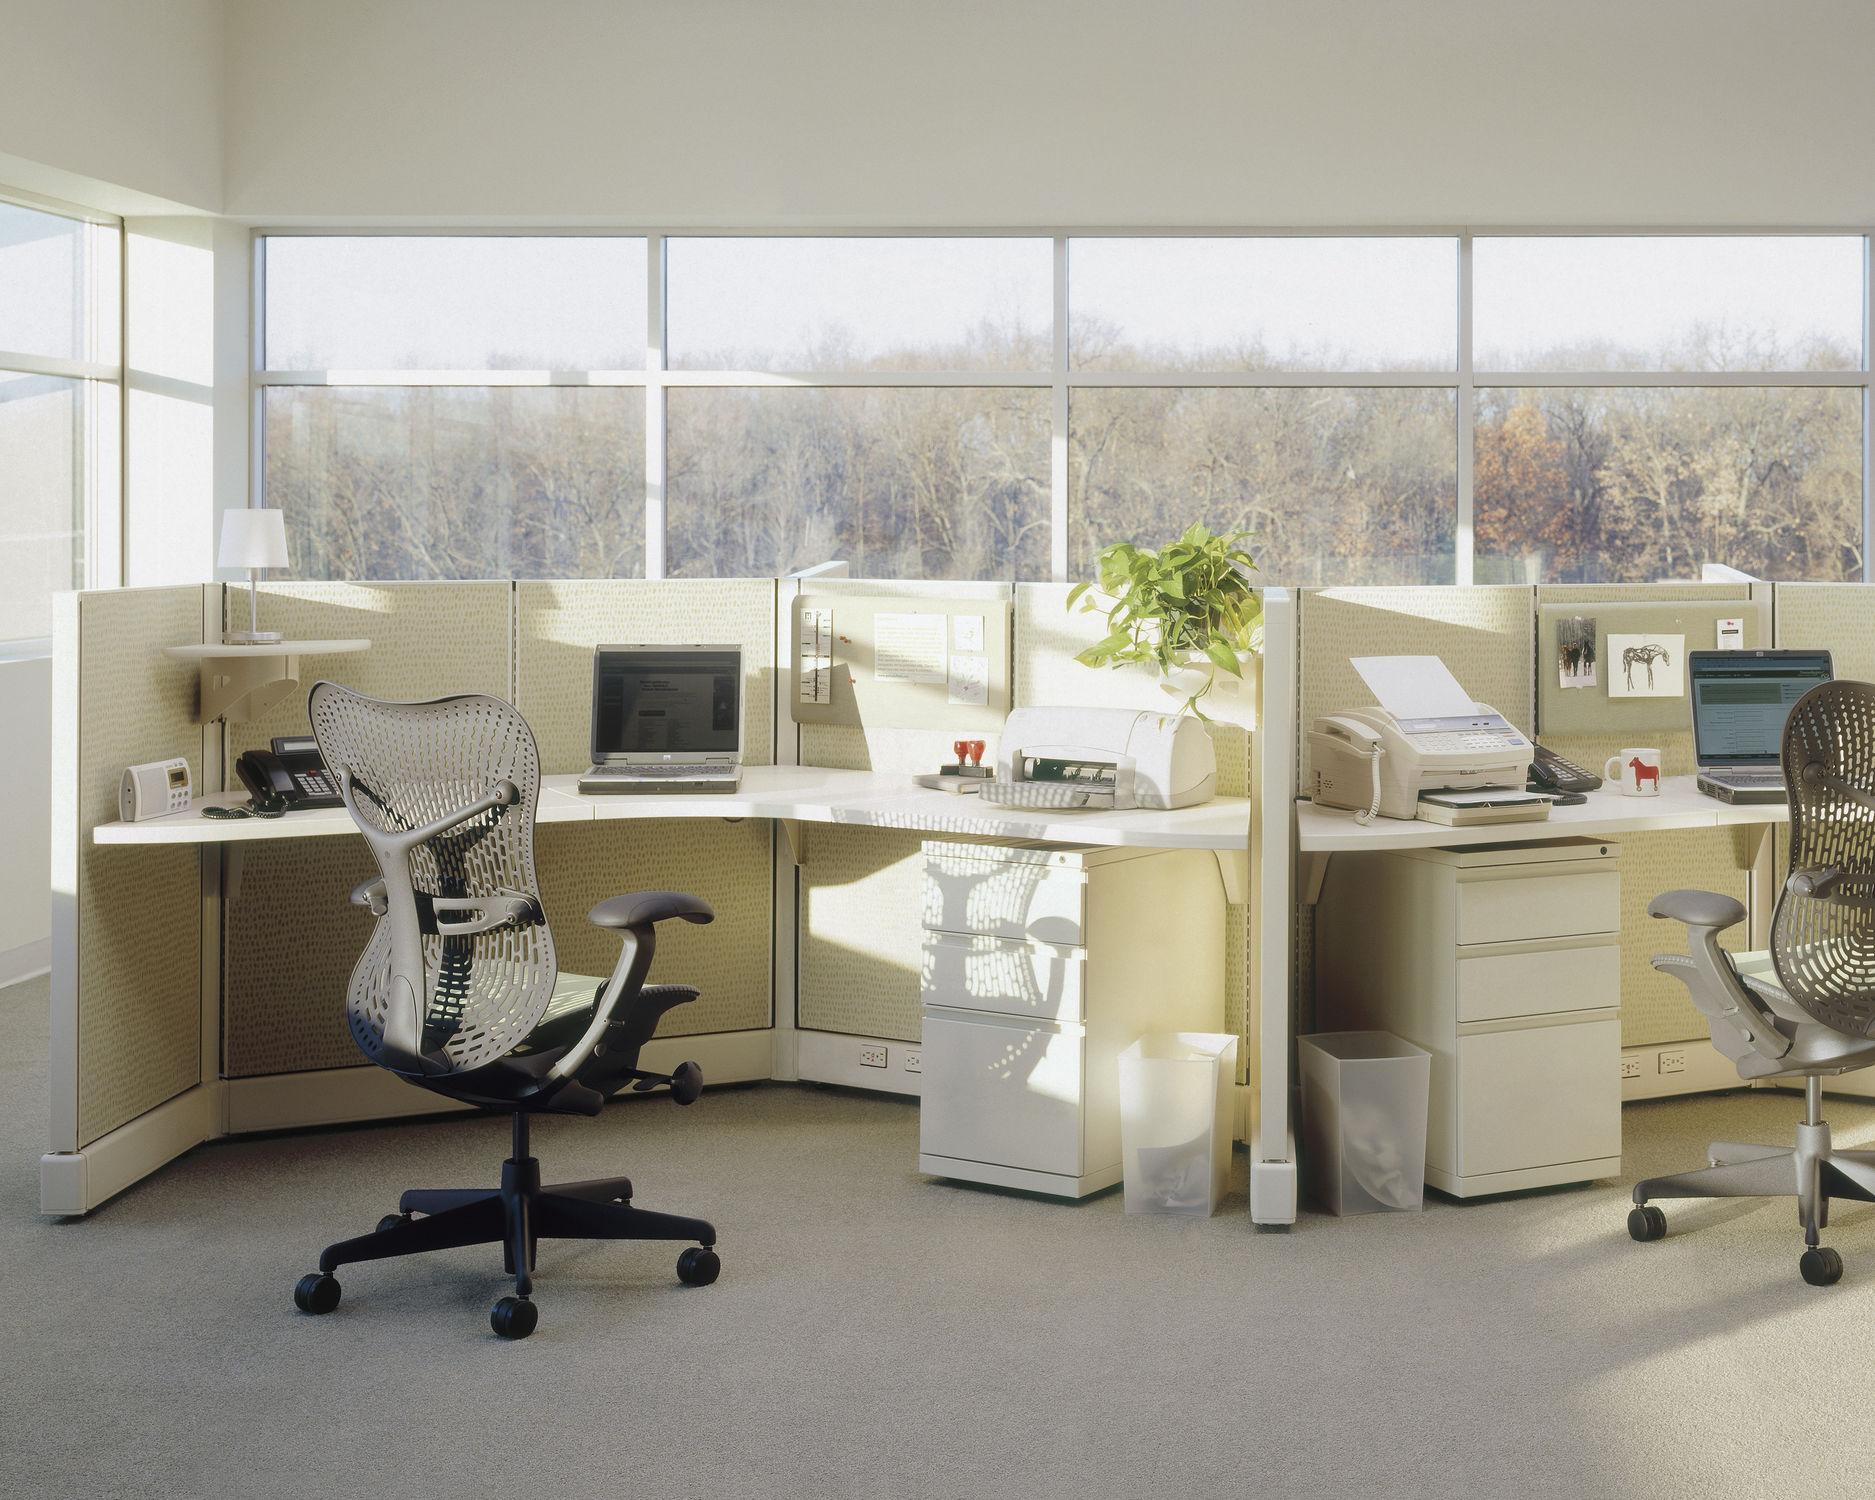 schreibtisch fr open space action office system - Herman Miller Schreibtischsthle